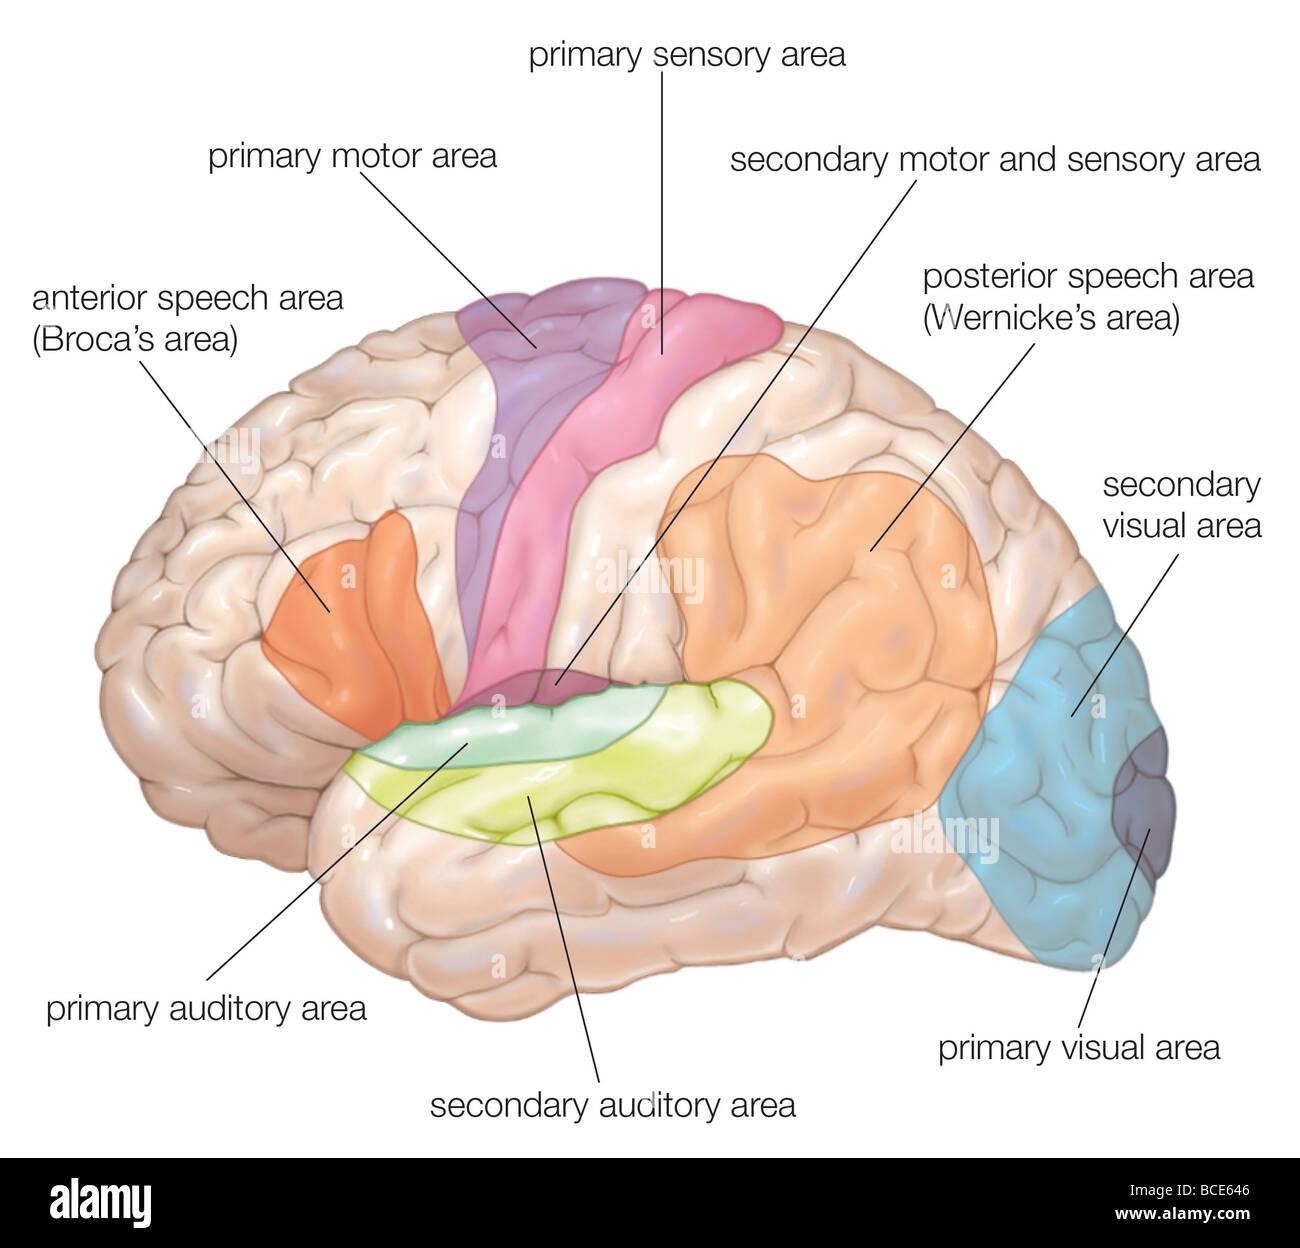 Diagrama de la vista lateral del cerebro humano, mostrando las áreas ...